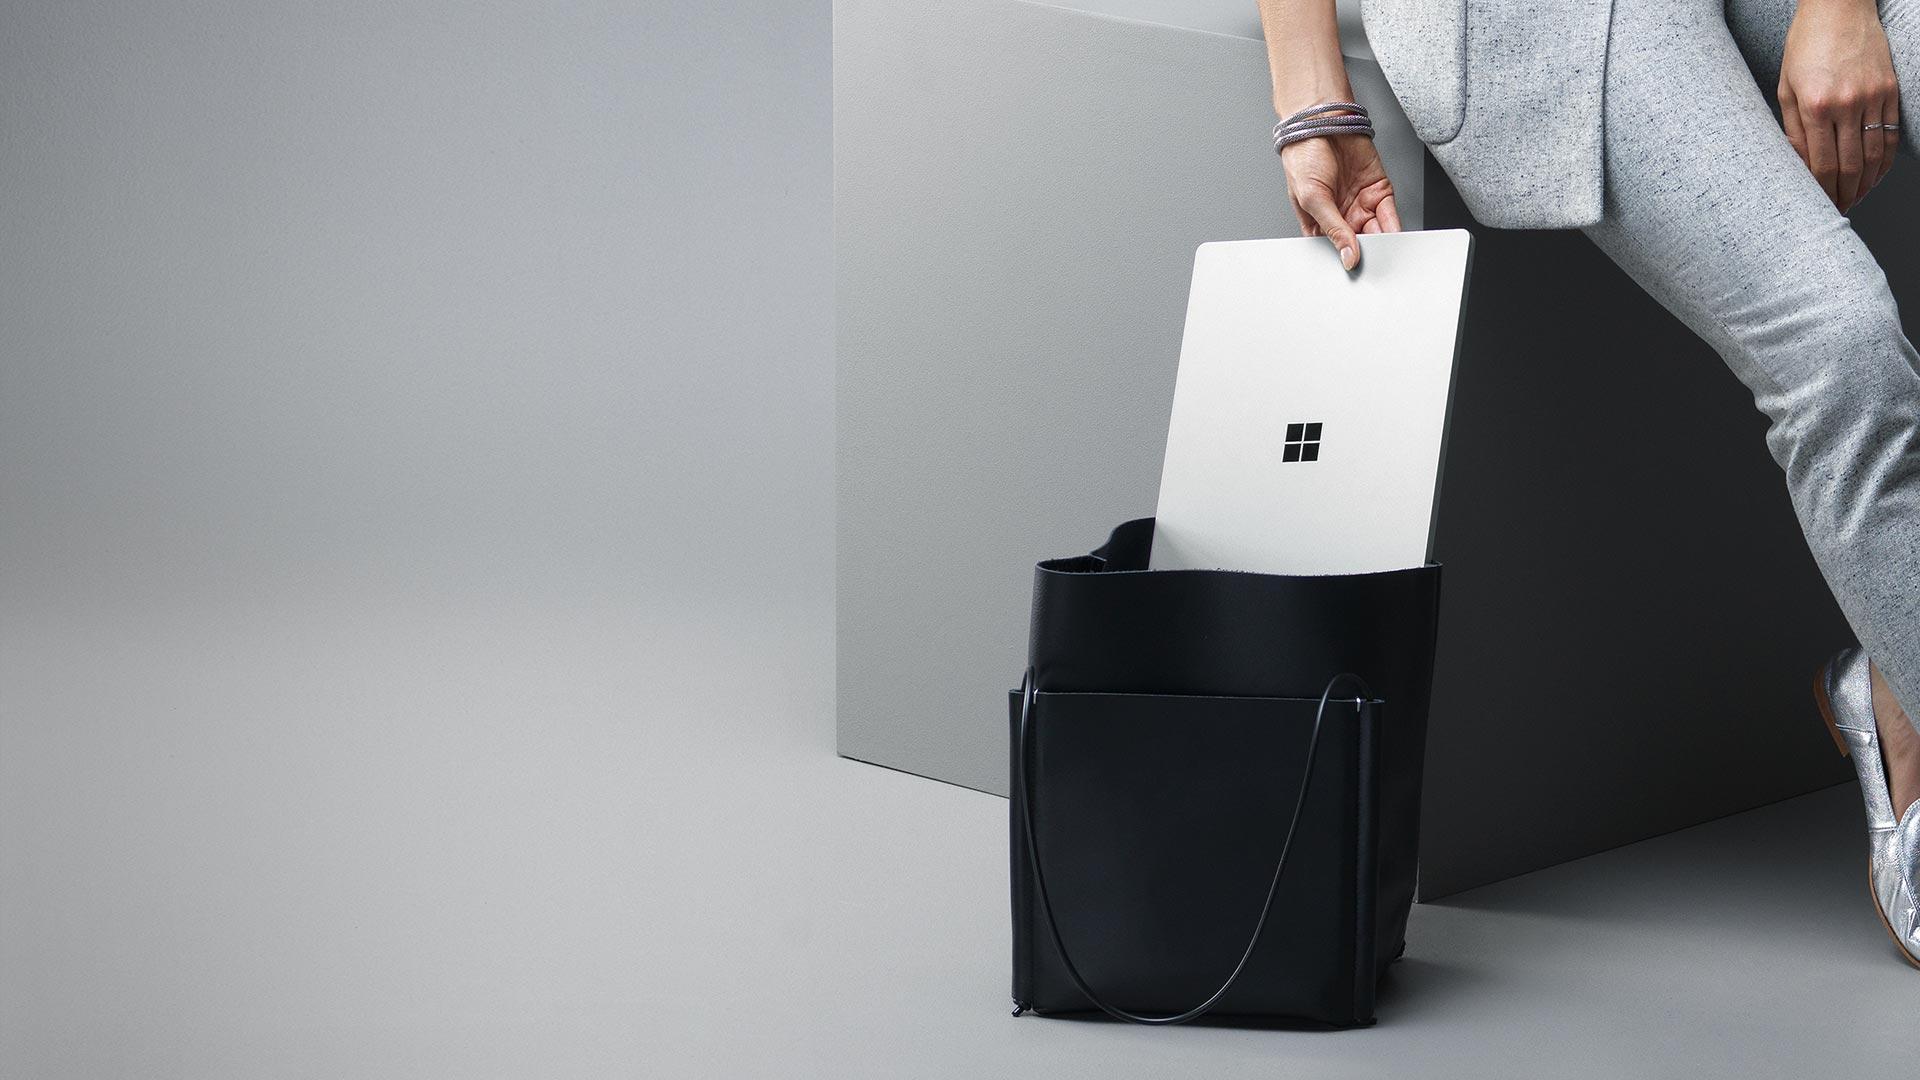 女性がプラチナの Surface Laptop をバッグにしまう様子。